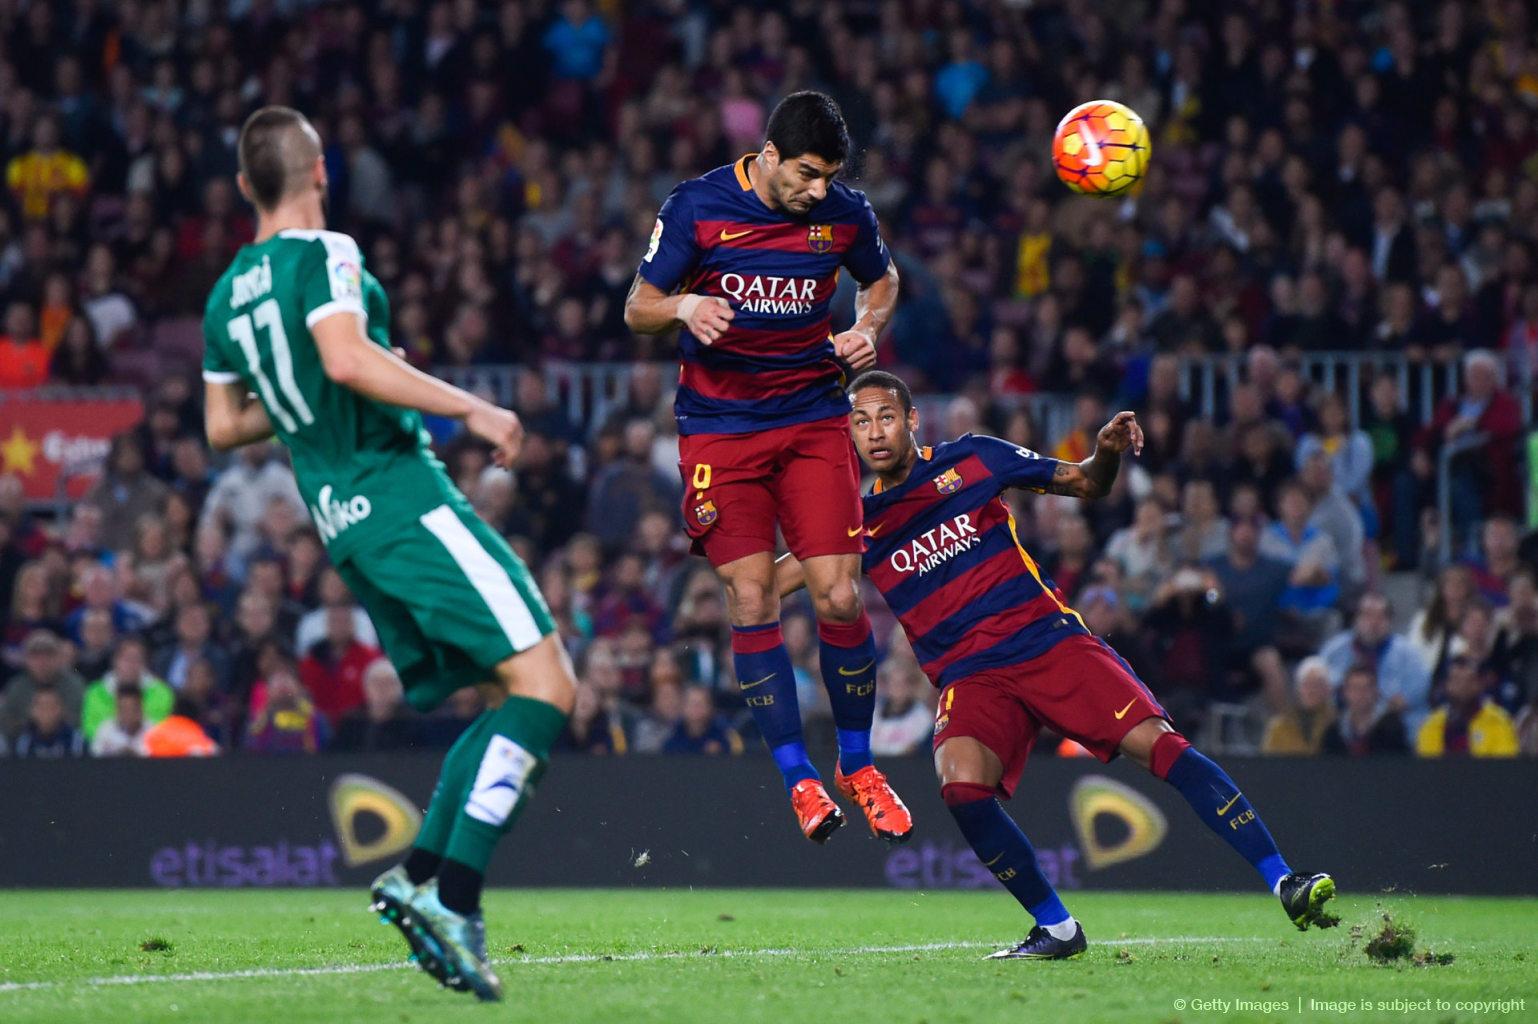 ویدئو ؛ خلاصه بازی بارسلونا 3-1 ایبار